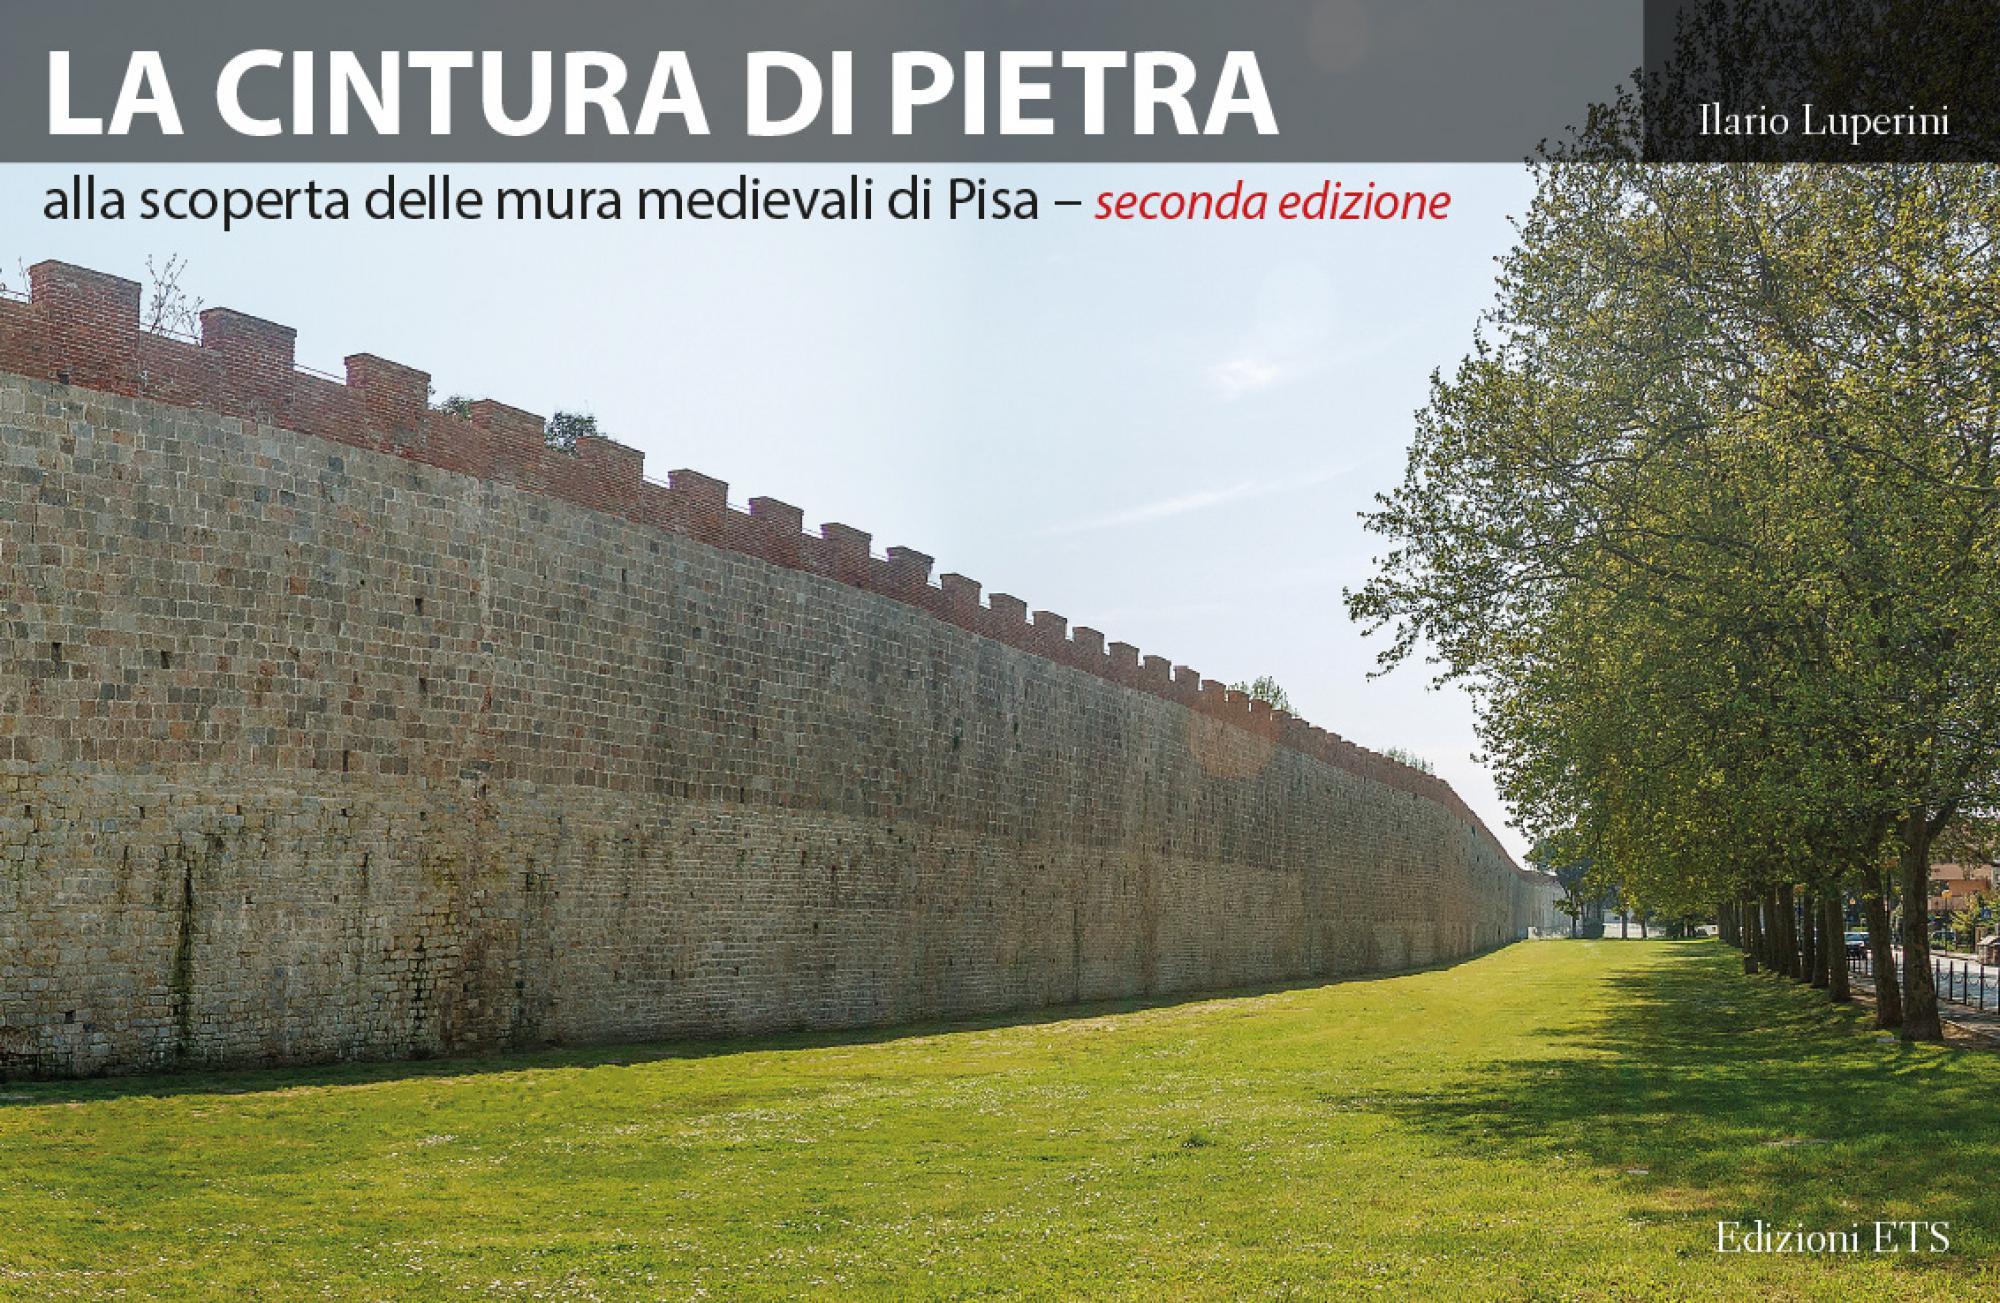 La cintura di pietra.alla scoperta delle mura medievali di Pisa